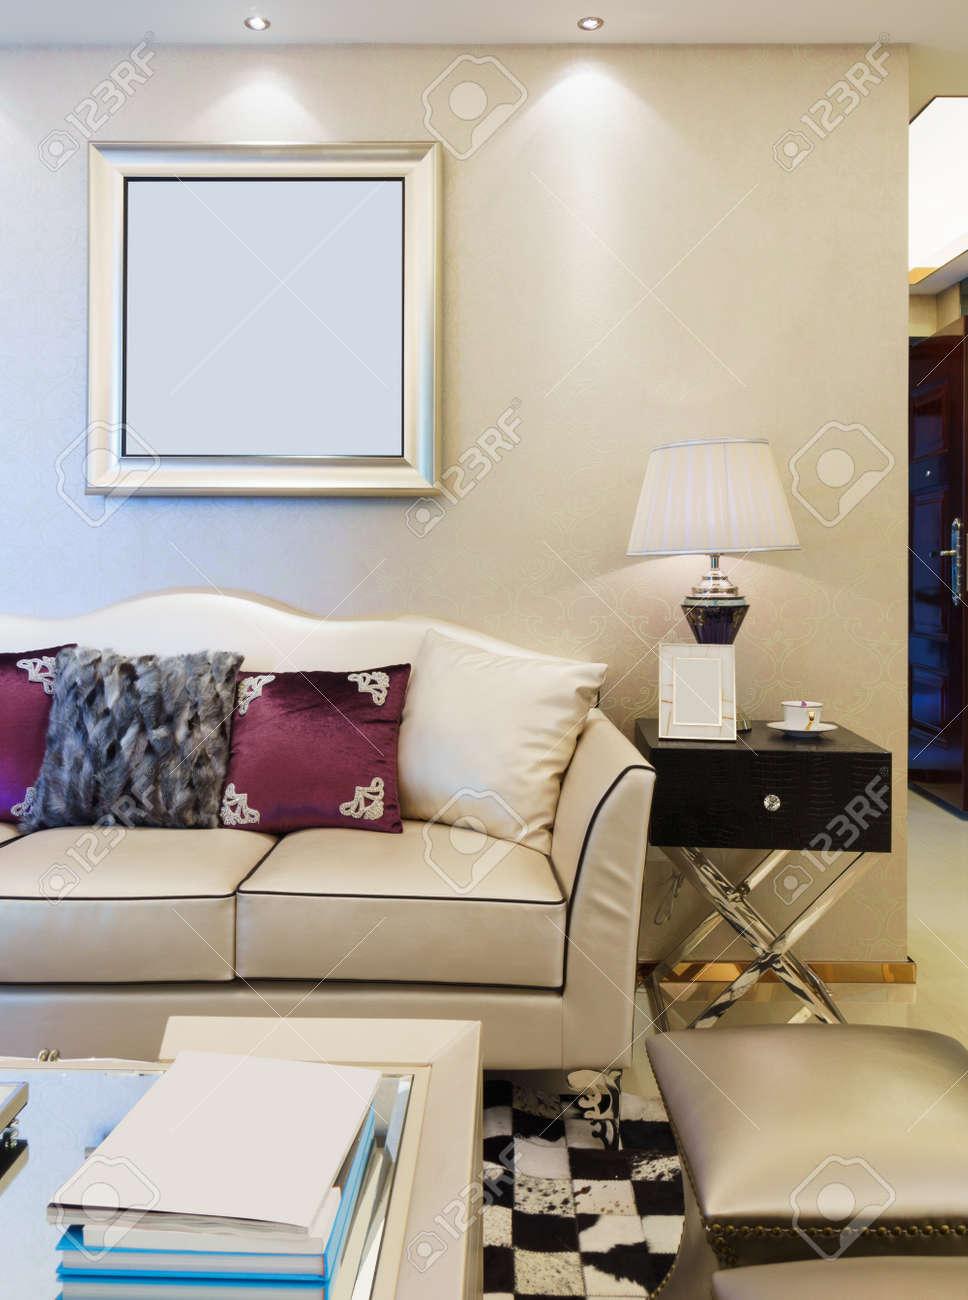 Moderne Wohnzimmer Mit Schönen Dekoration Lizenzfreie Fotos, Bilder ...